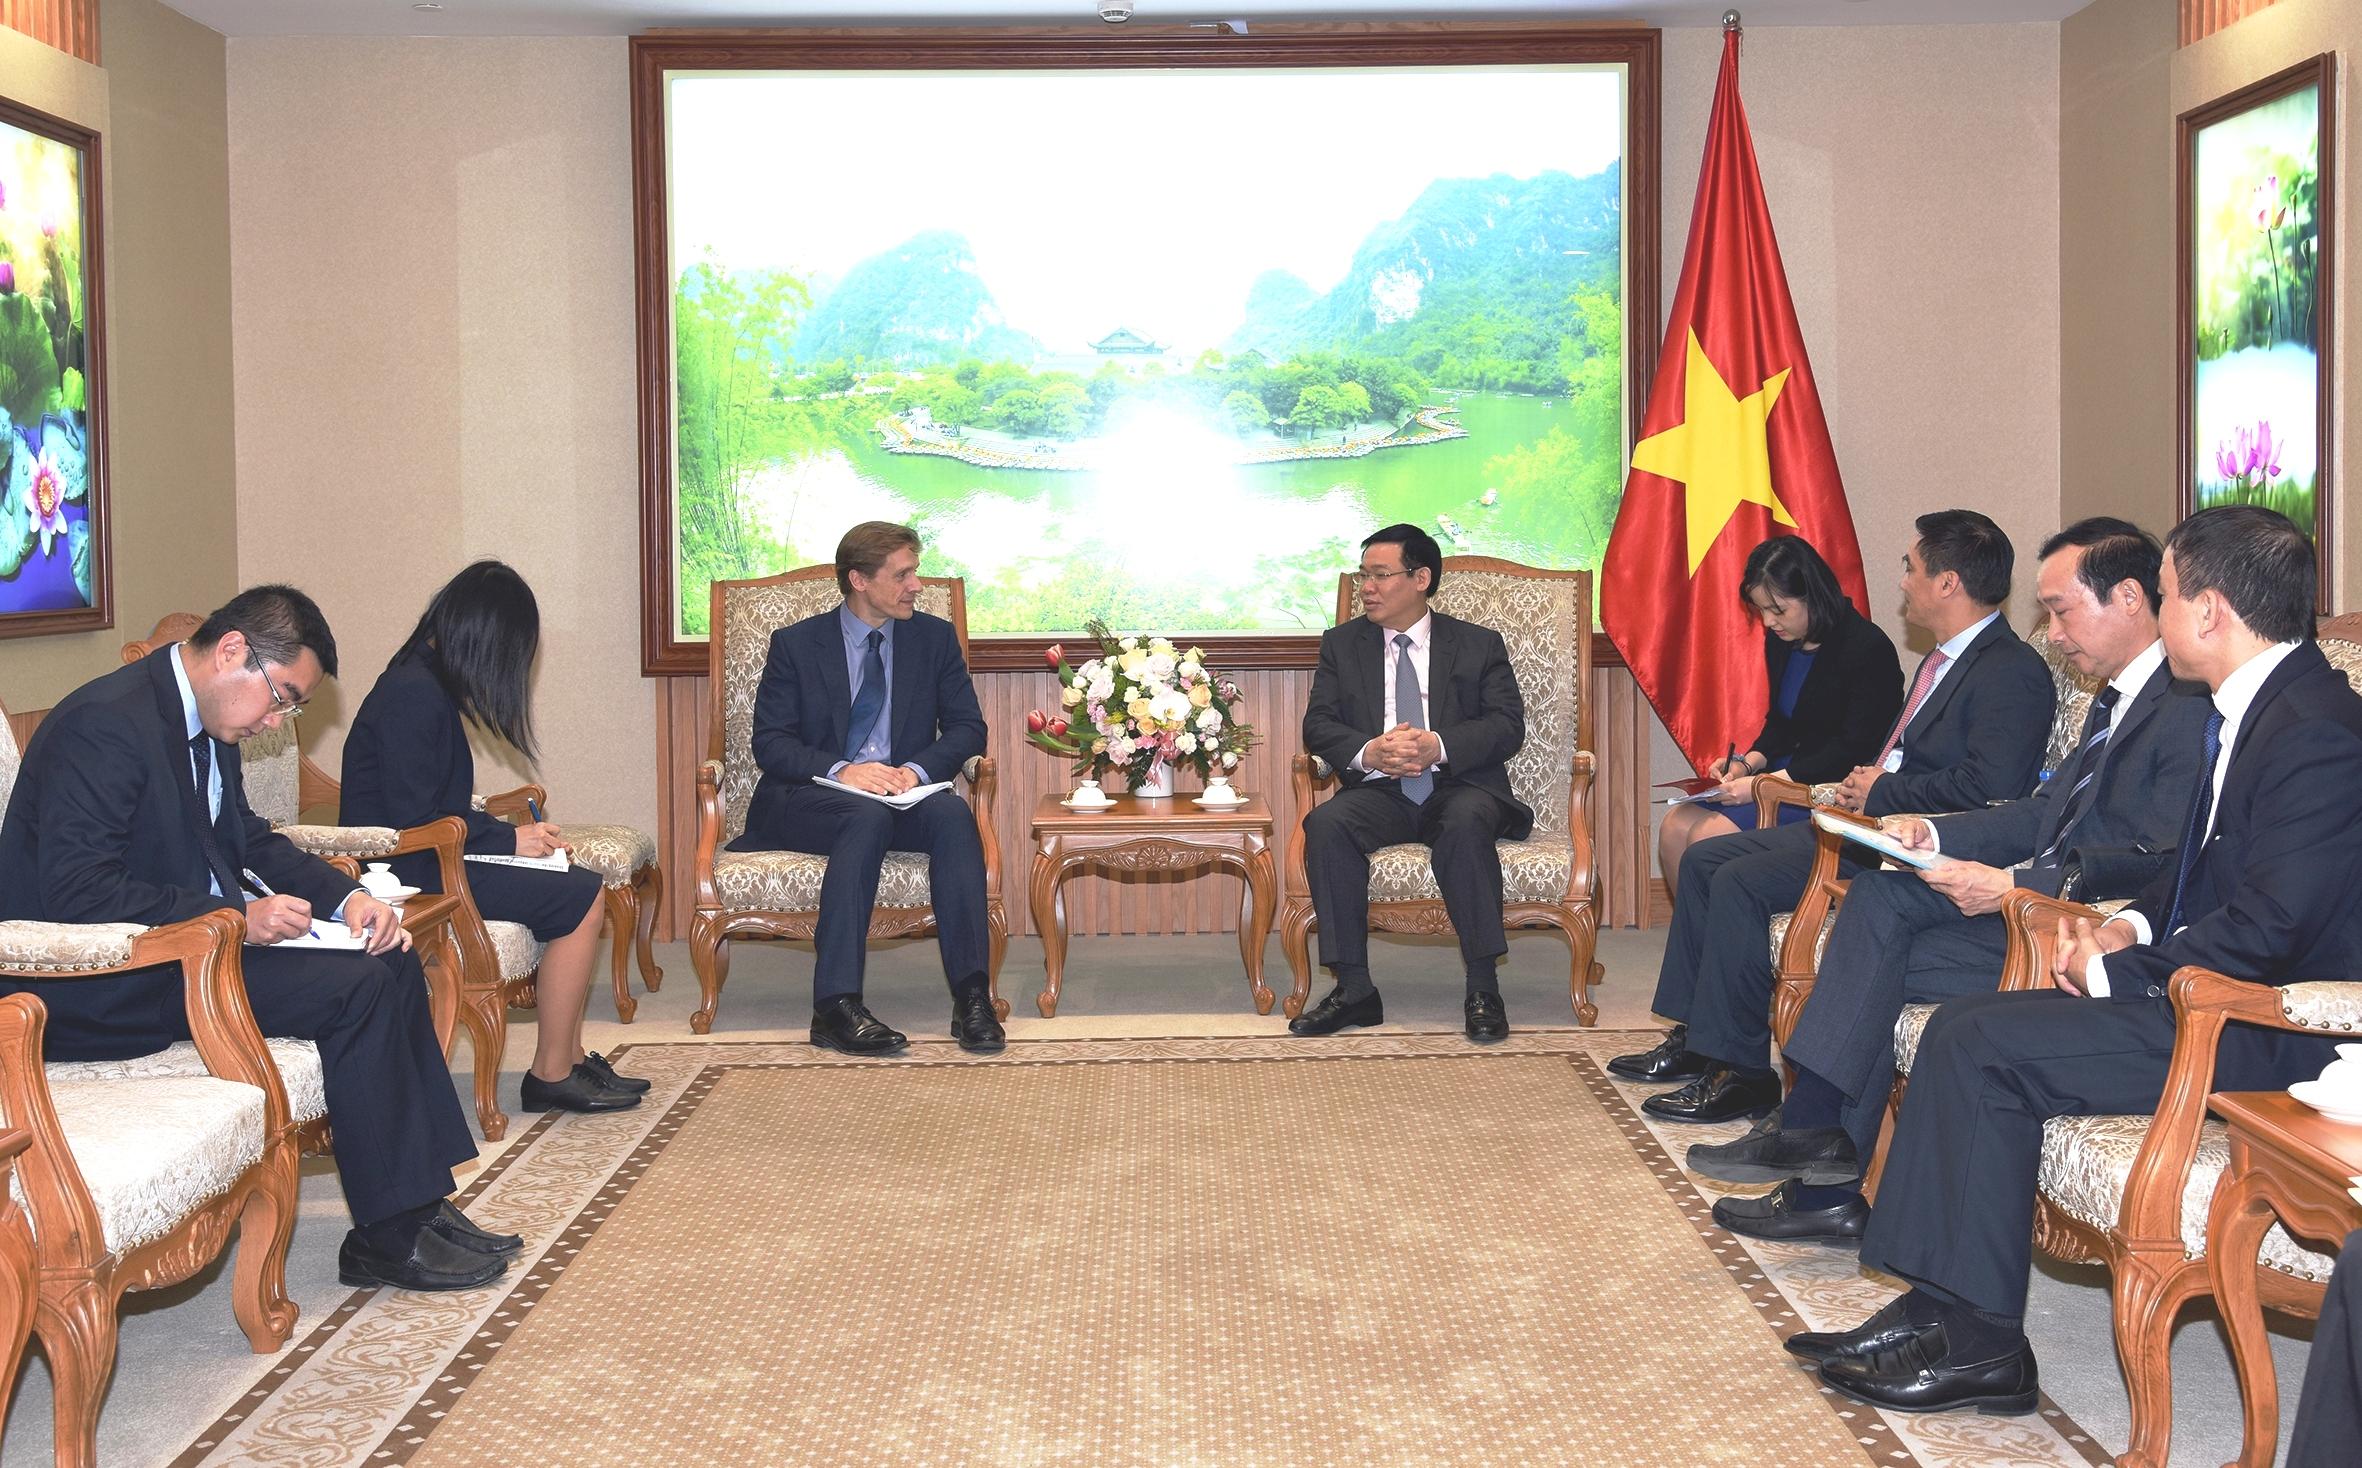 WEF ASEAN 2018 tại Việt Nam sẽ là sự kiện quan trọng của khu vực (14/3/2018)